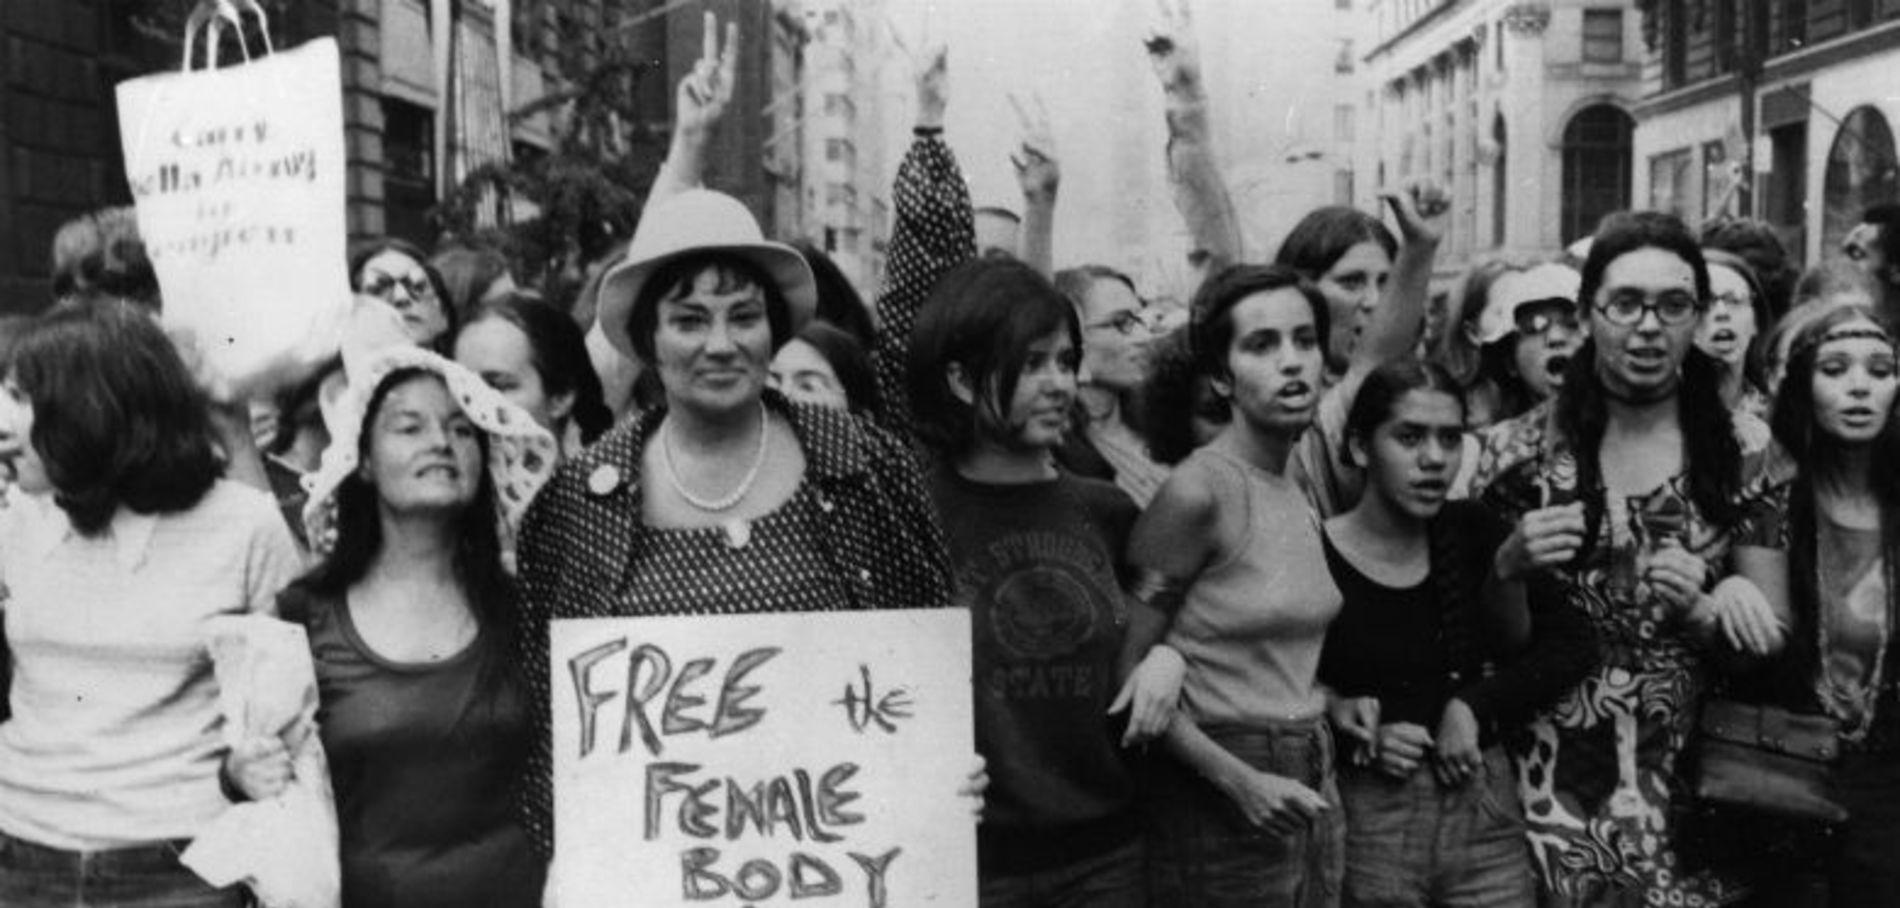 et-les-feministes-brulerent-leurs-soutiens-gorge_exact1900x908_l